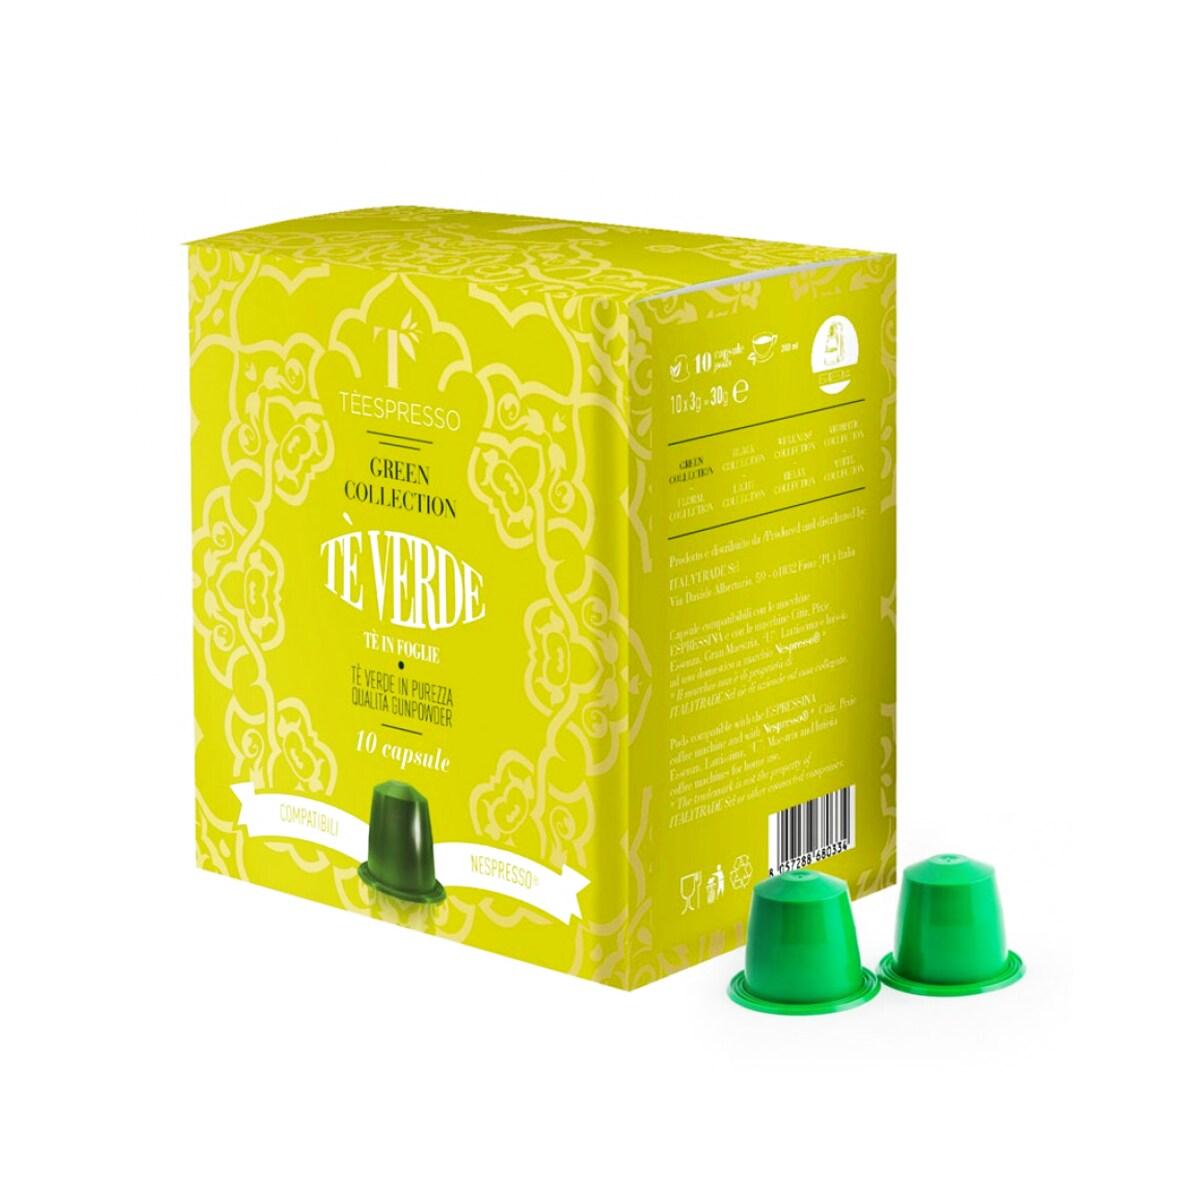 Teespresso Te Verde κάψουλες τσάι για Nespresso καφεμηχανή 10τεμ